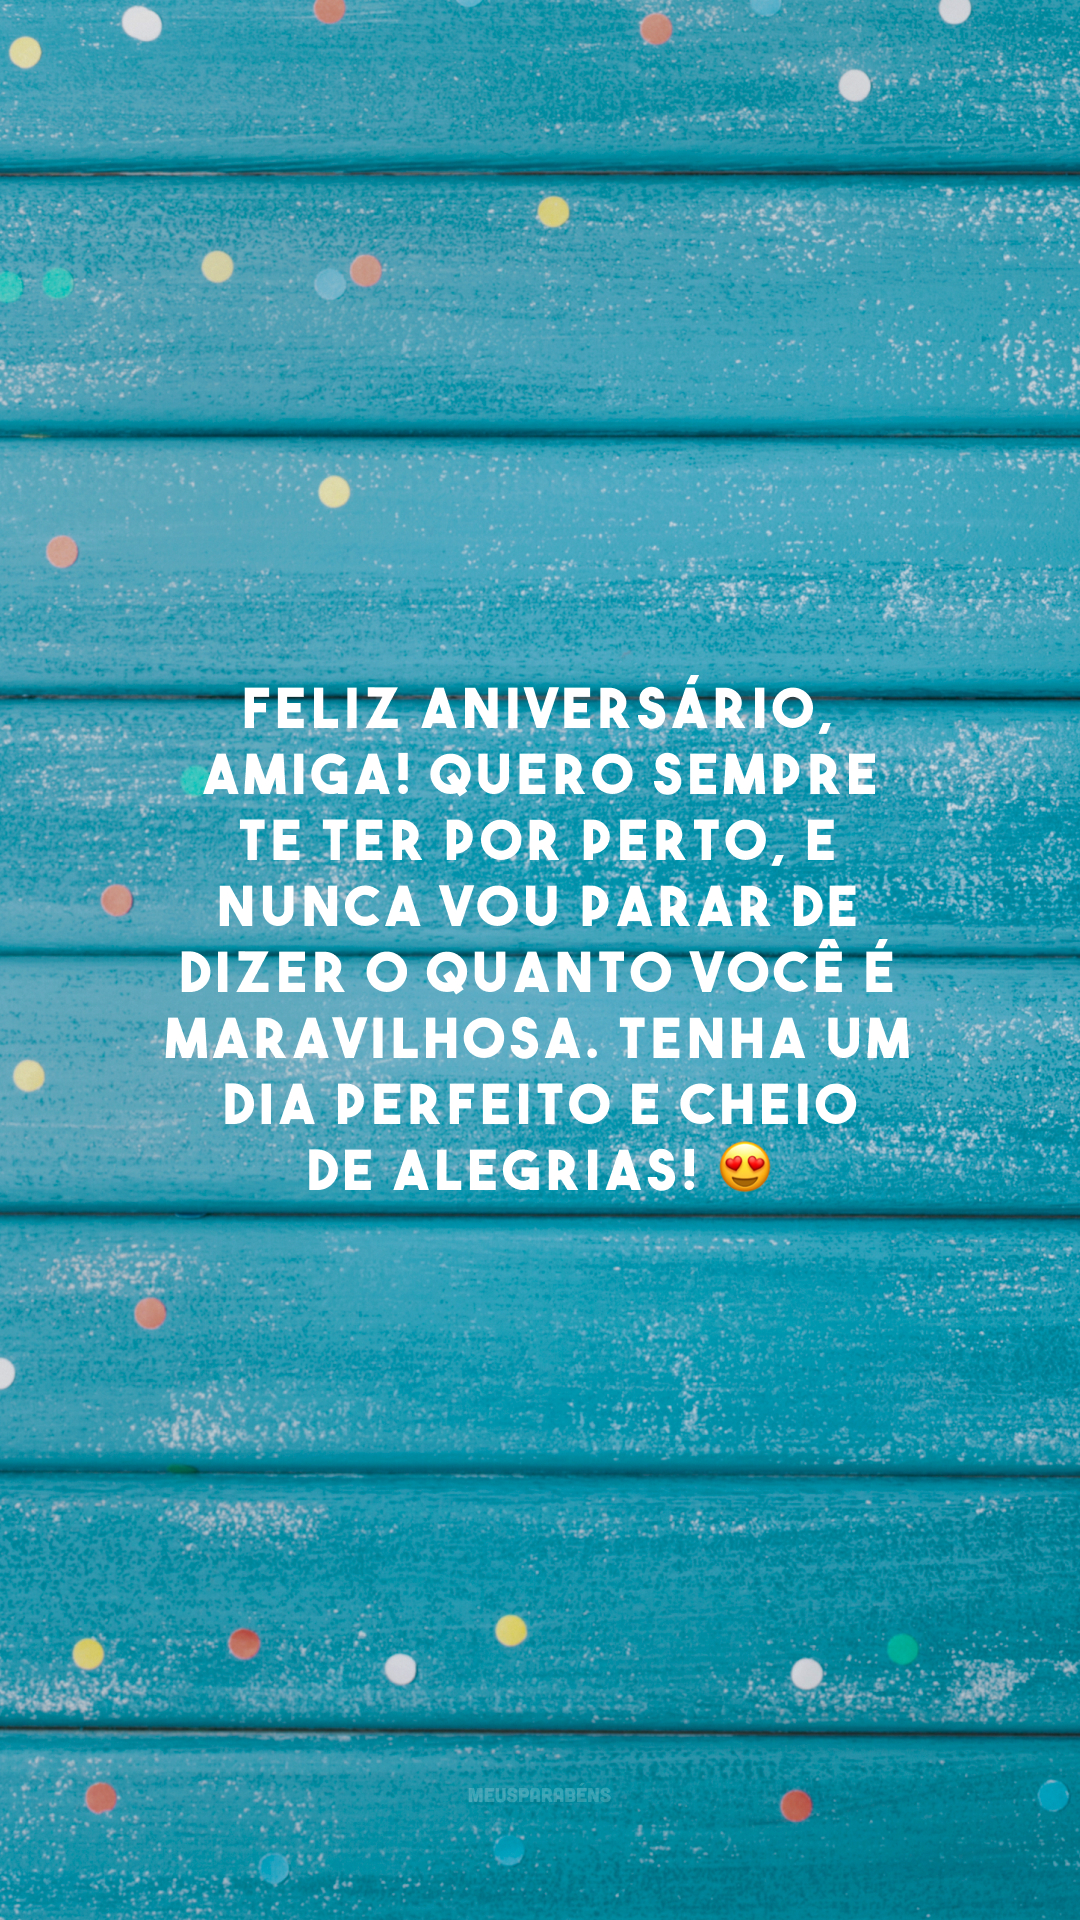 Feliz aniversário, amiga! Quero sempre te ter por perto, e nunca vou parar de dizer o quanto você é maravilhosa. Tenha um dia perfeito e cheio de alegrias! 😍